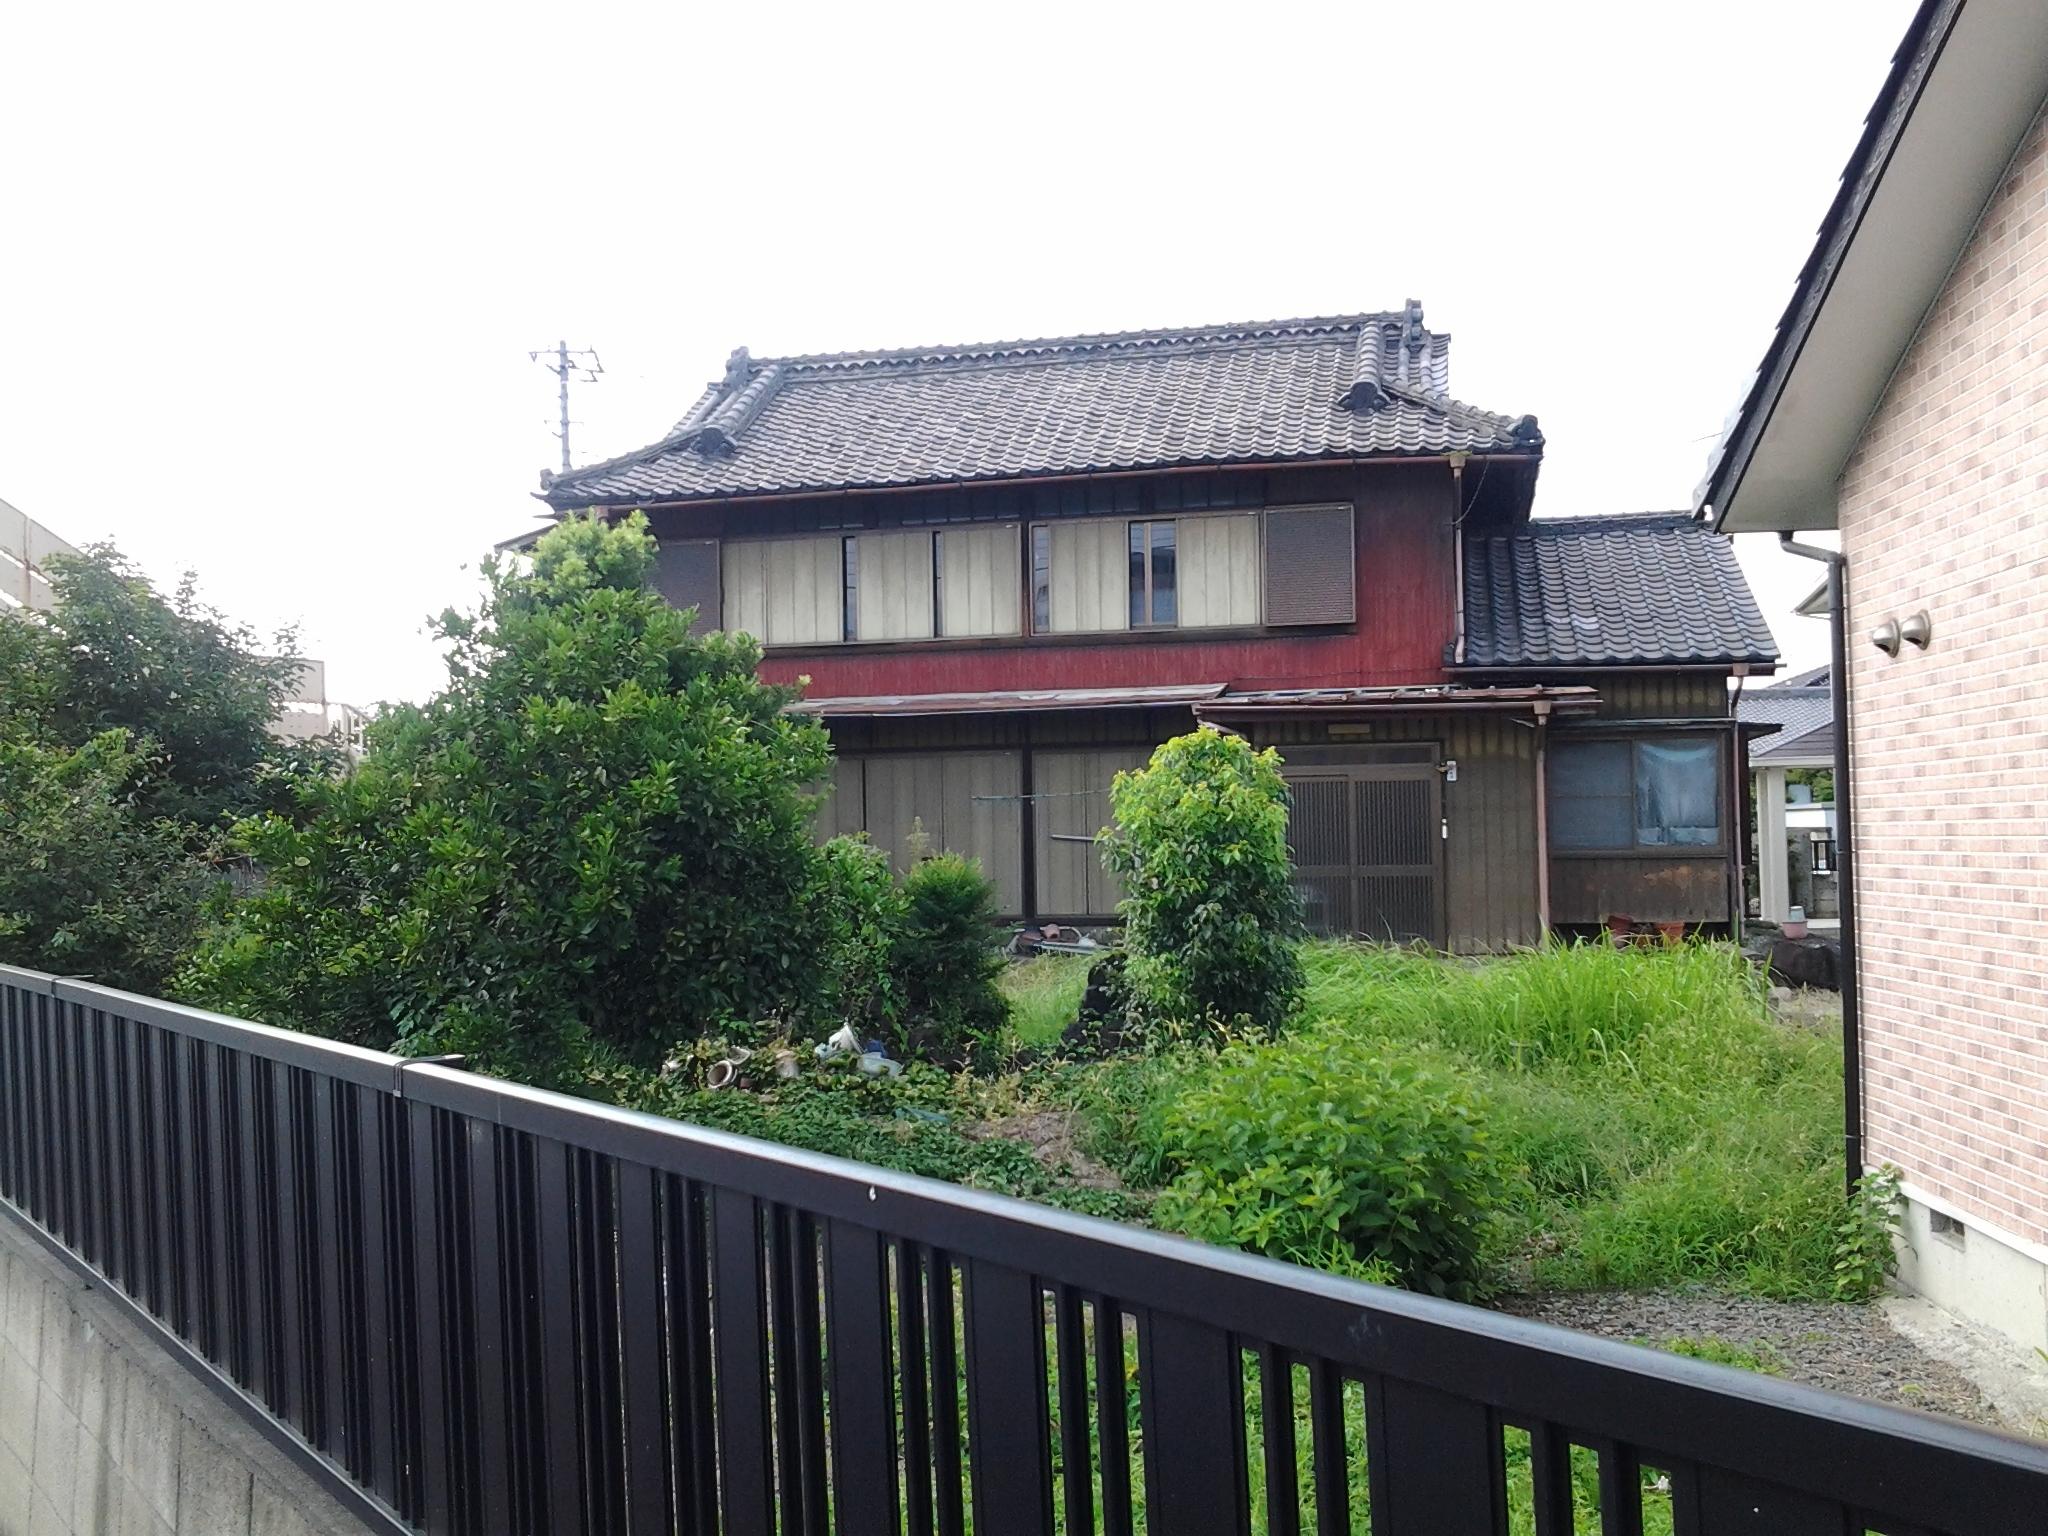 20150805_160612.jpg